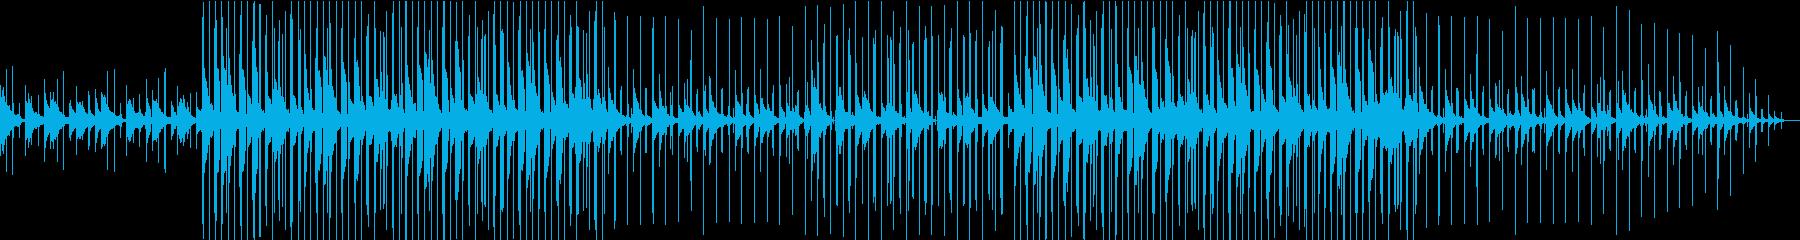 ピアノ 睡眠 LoFi スロー 深夜の再生済みの波形